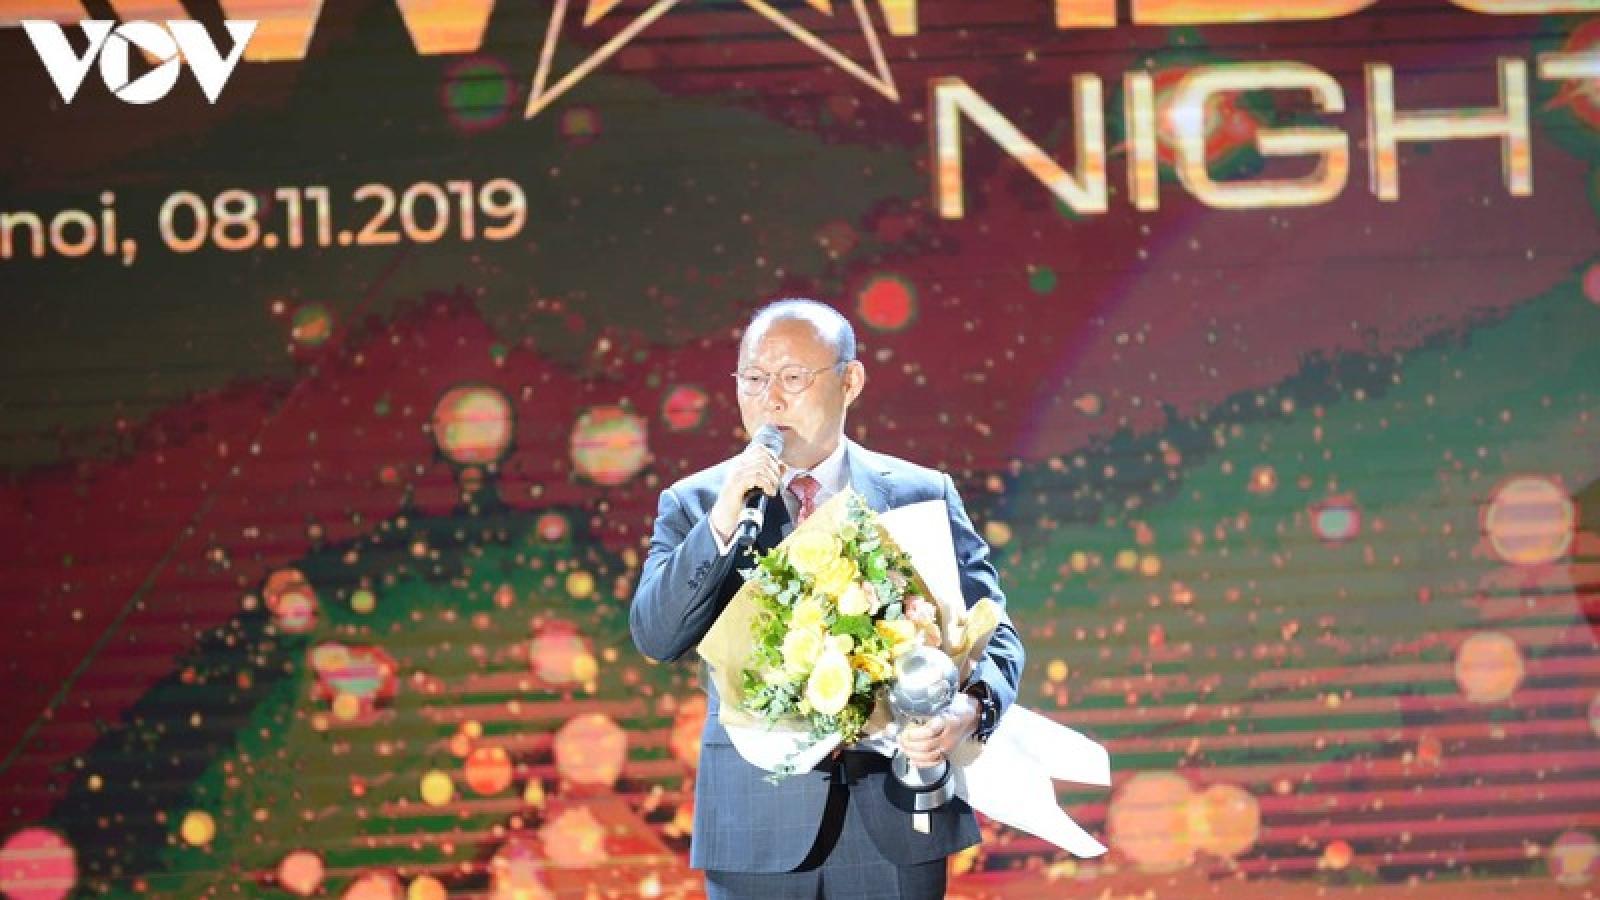 """Ngày này năm xưa: HLV Park Hang Seo và Quang Hải """"thống trị"""" AFF Awards"""